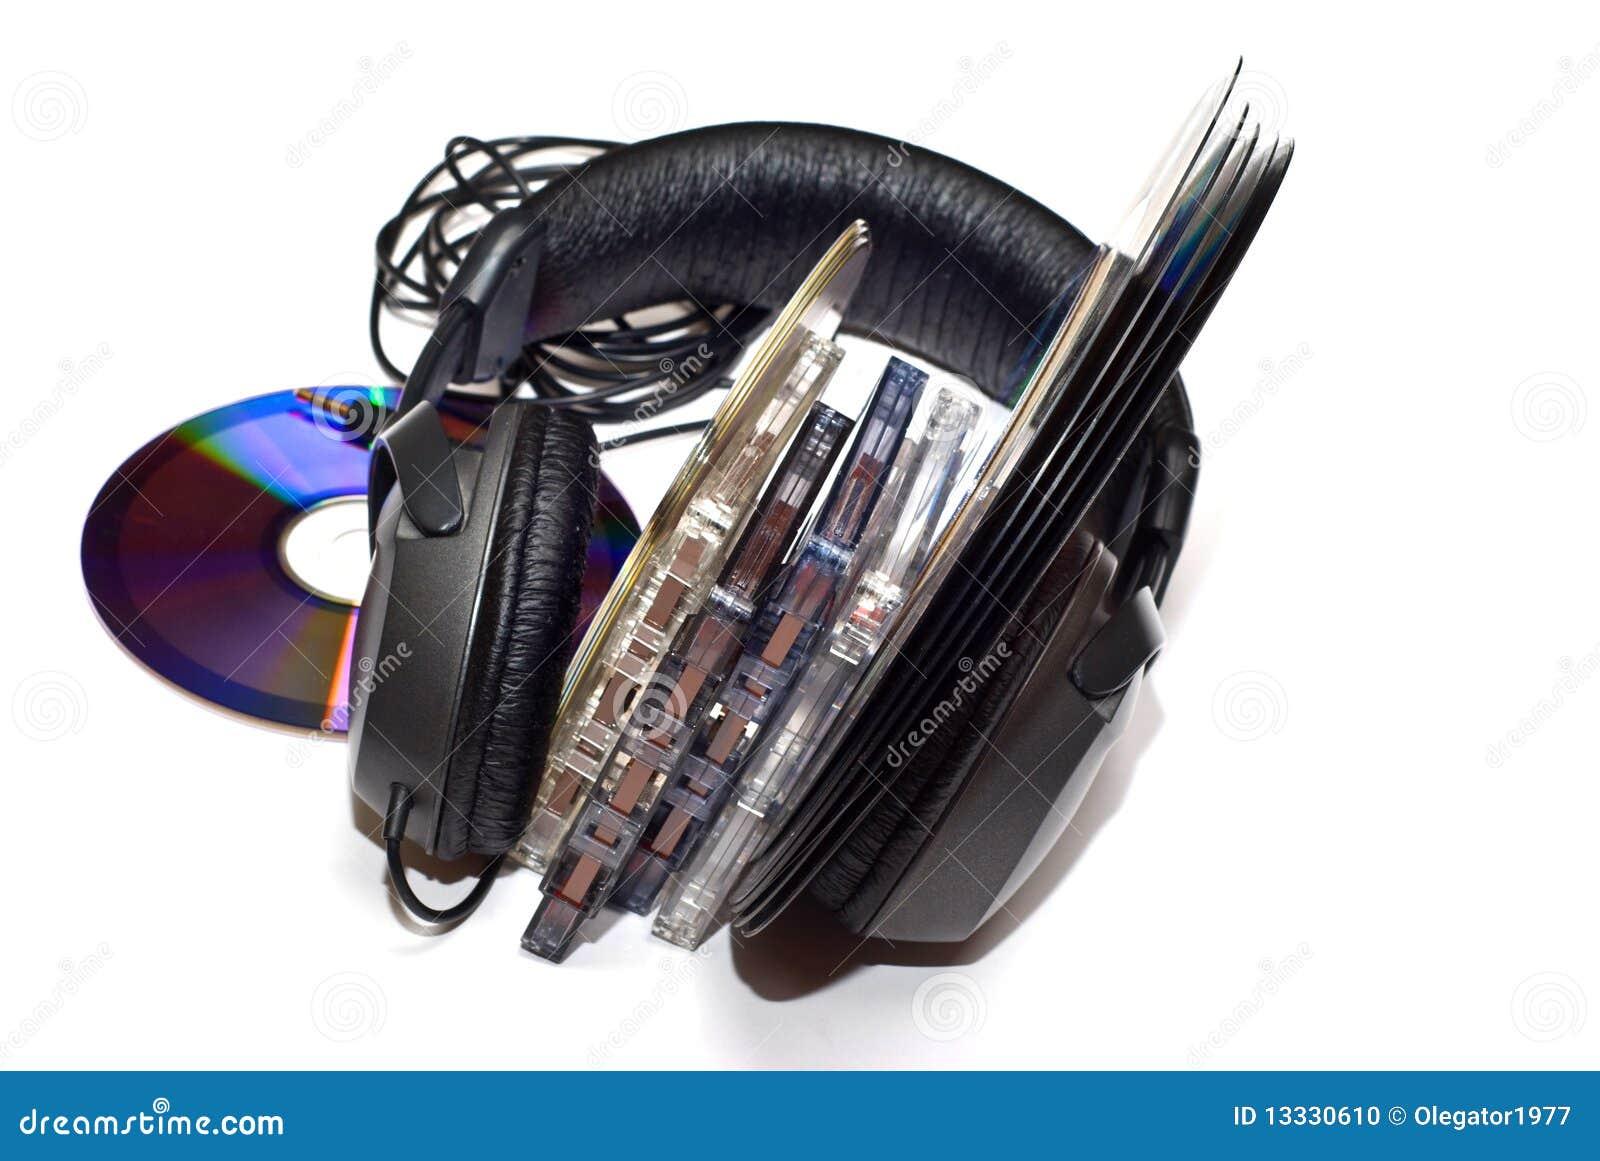 Cassettes, expedientes de vinilo, CD y auriculares